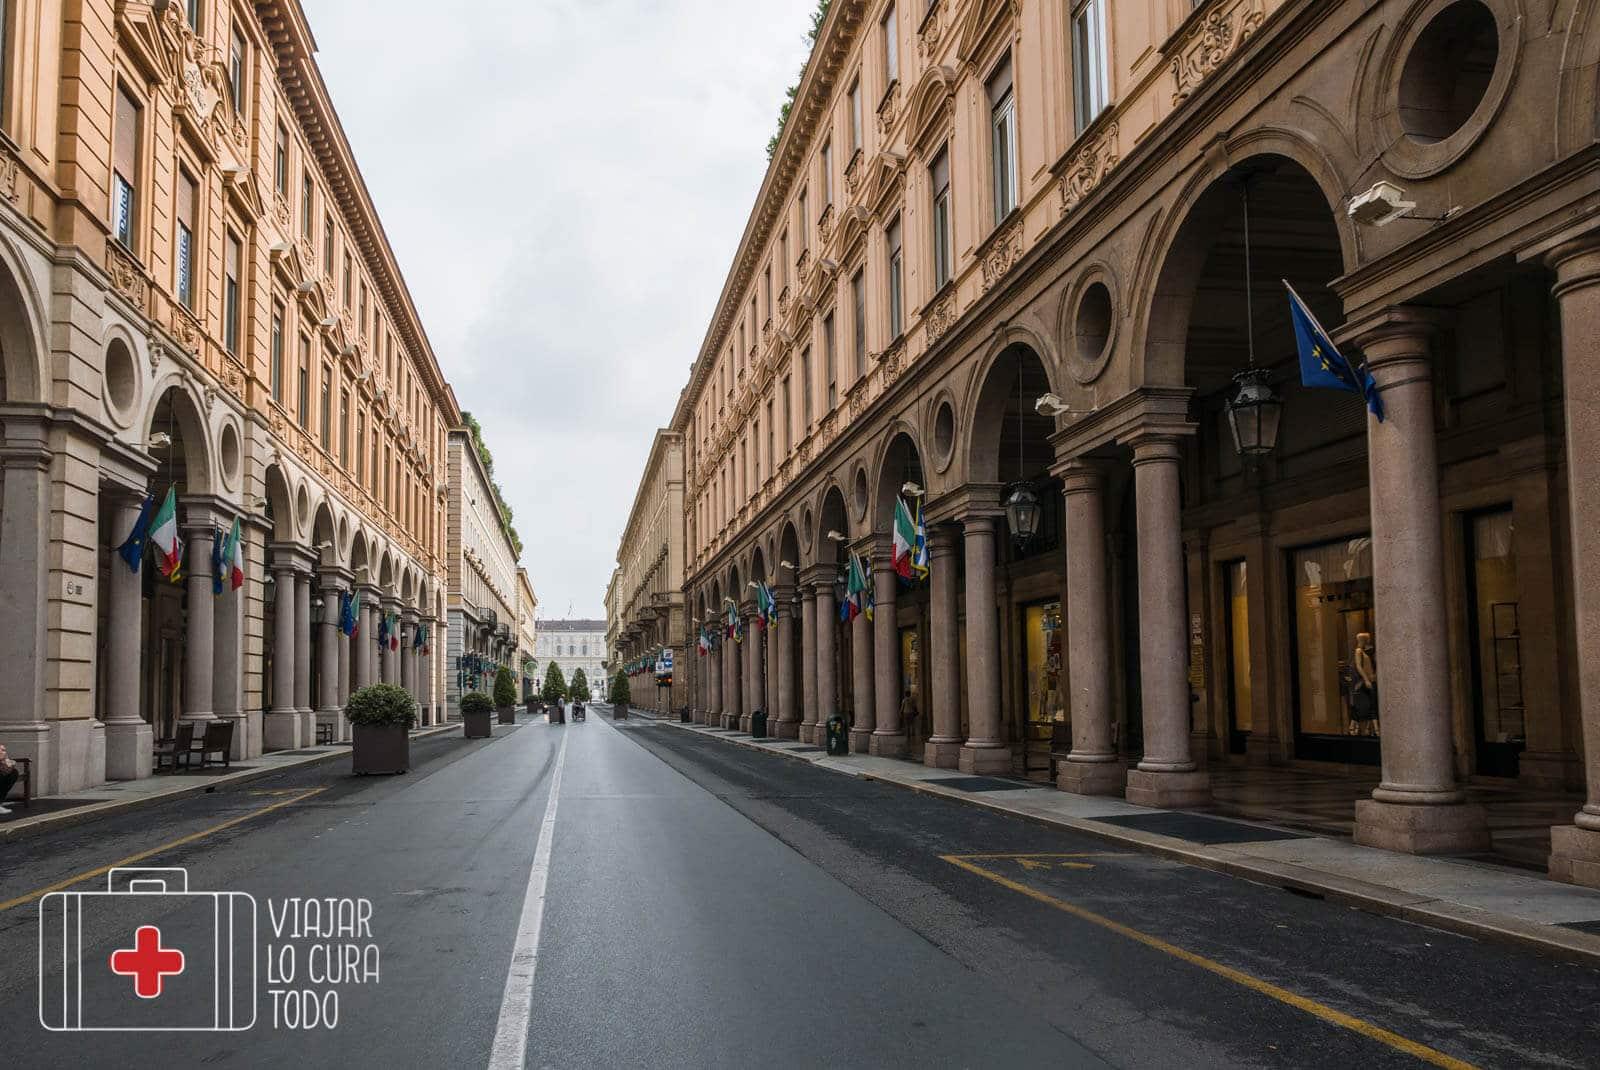 Un fin de semana en Torino